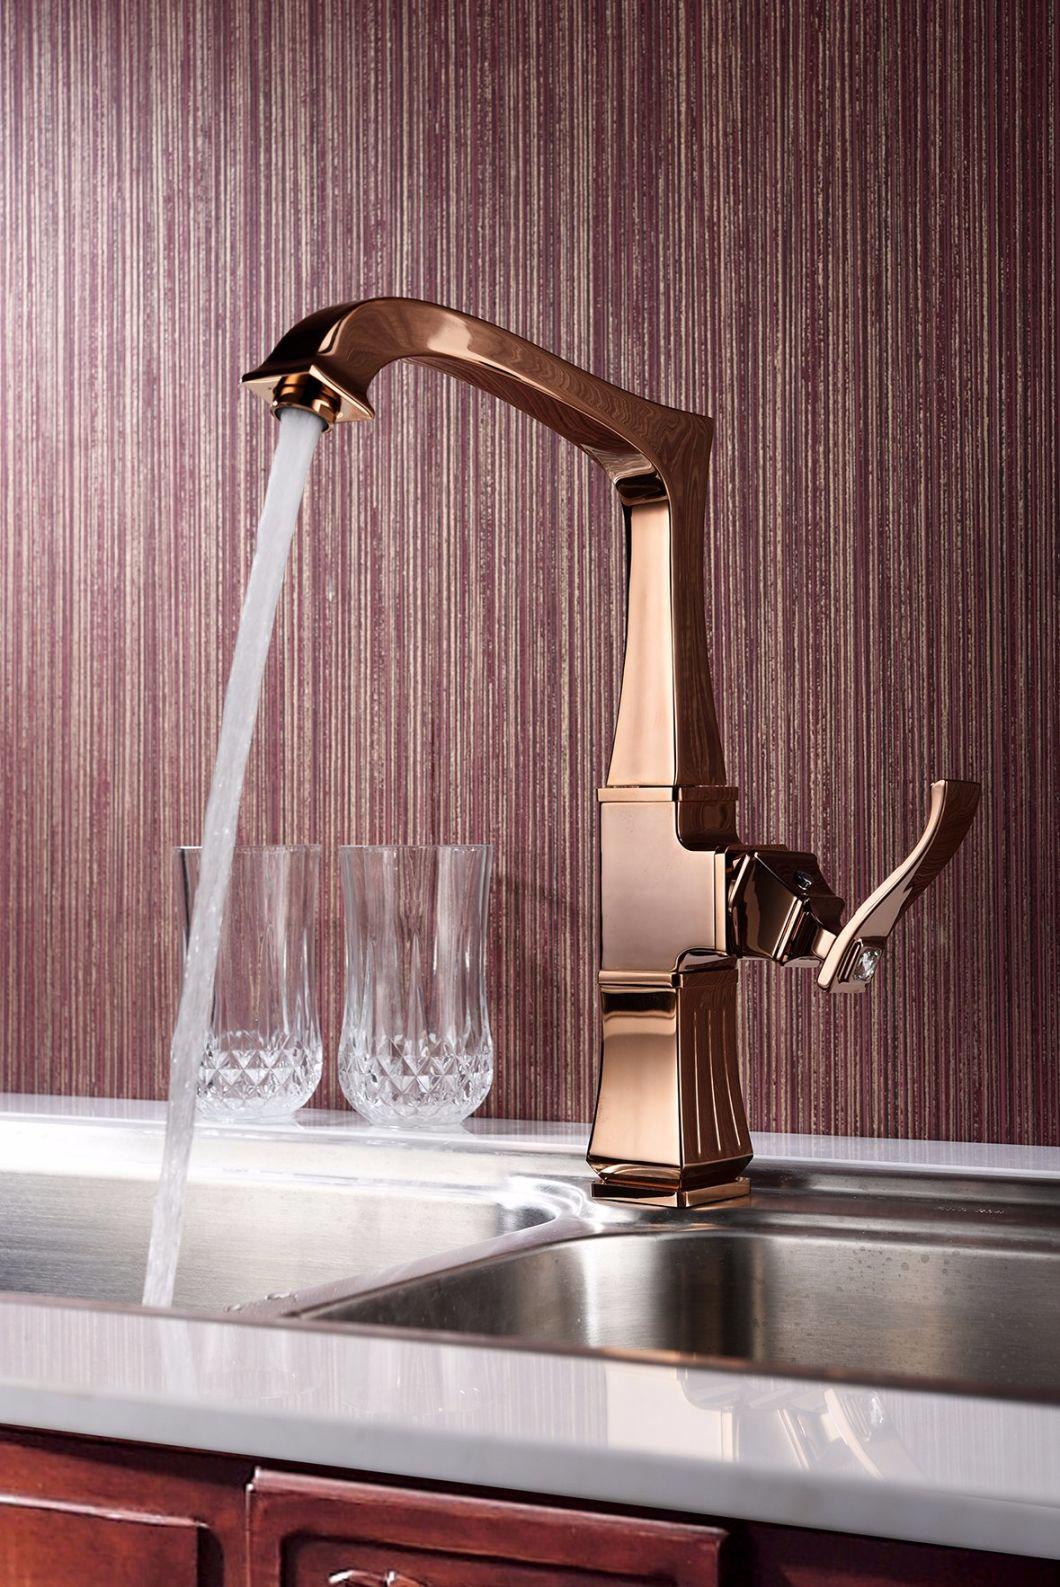 2018 Deck Mounted Ce Bathroom Washing Brass Faucet Mixer Basin Faucet in Guangzhou